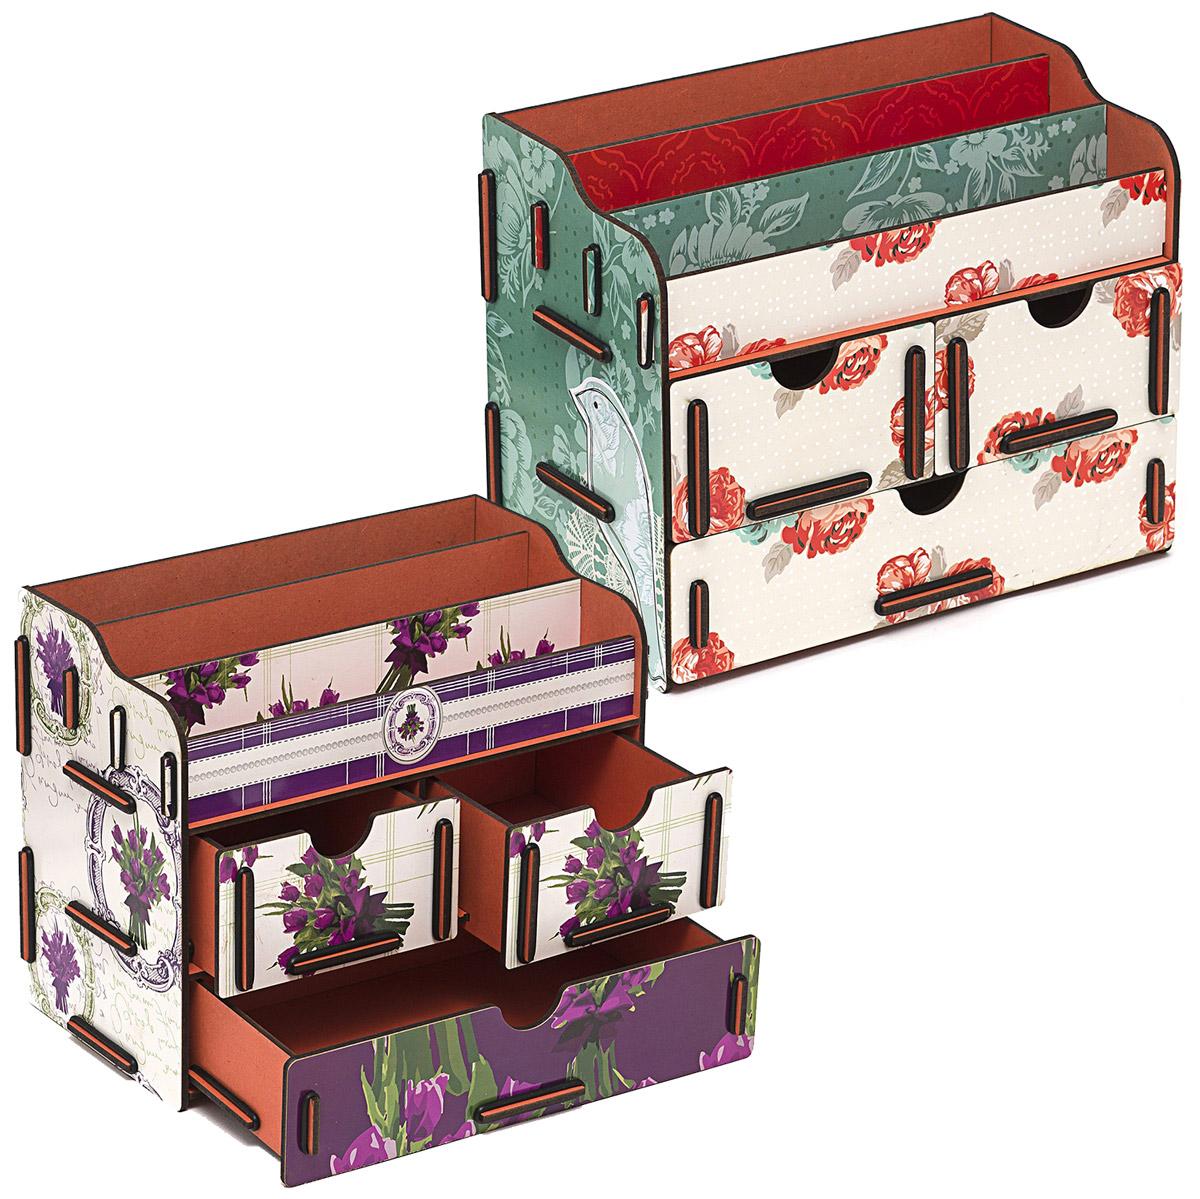 Набор шкатулок Homsu Все оттенки прекрасного, для украшений, 2 штDEN-04Этот комплект из оригинальных сундучков имеет множество полочек сверху для хранения косметики, парфюмерии и аксессуаров, а также два маленьких ящичка размером 11см на 14,5см и один большой ящик размером 22см на 14,5см, которые позволят разместить в них все самое необходимое и сокровенное для каждой женщины. Шкатулочки можно поставить на стол, они станут отличным дополнением интерьера. 240х140х190; 240х140х190